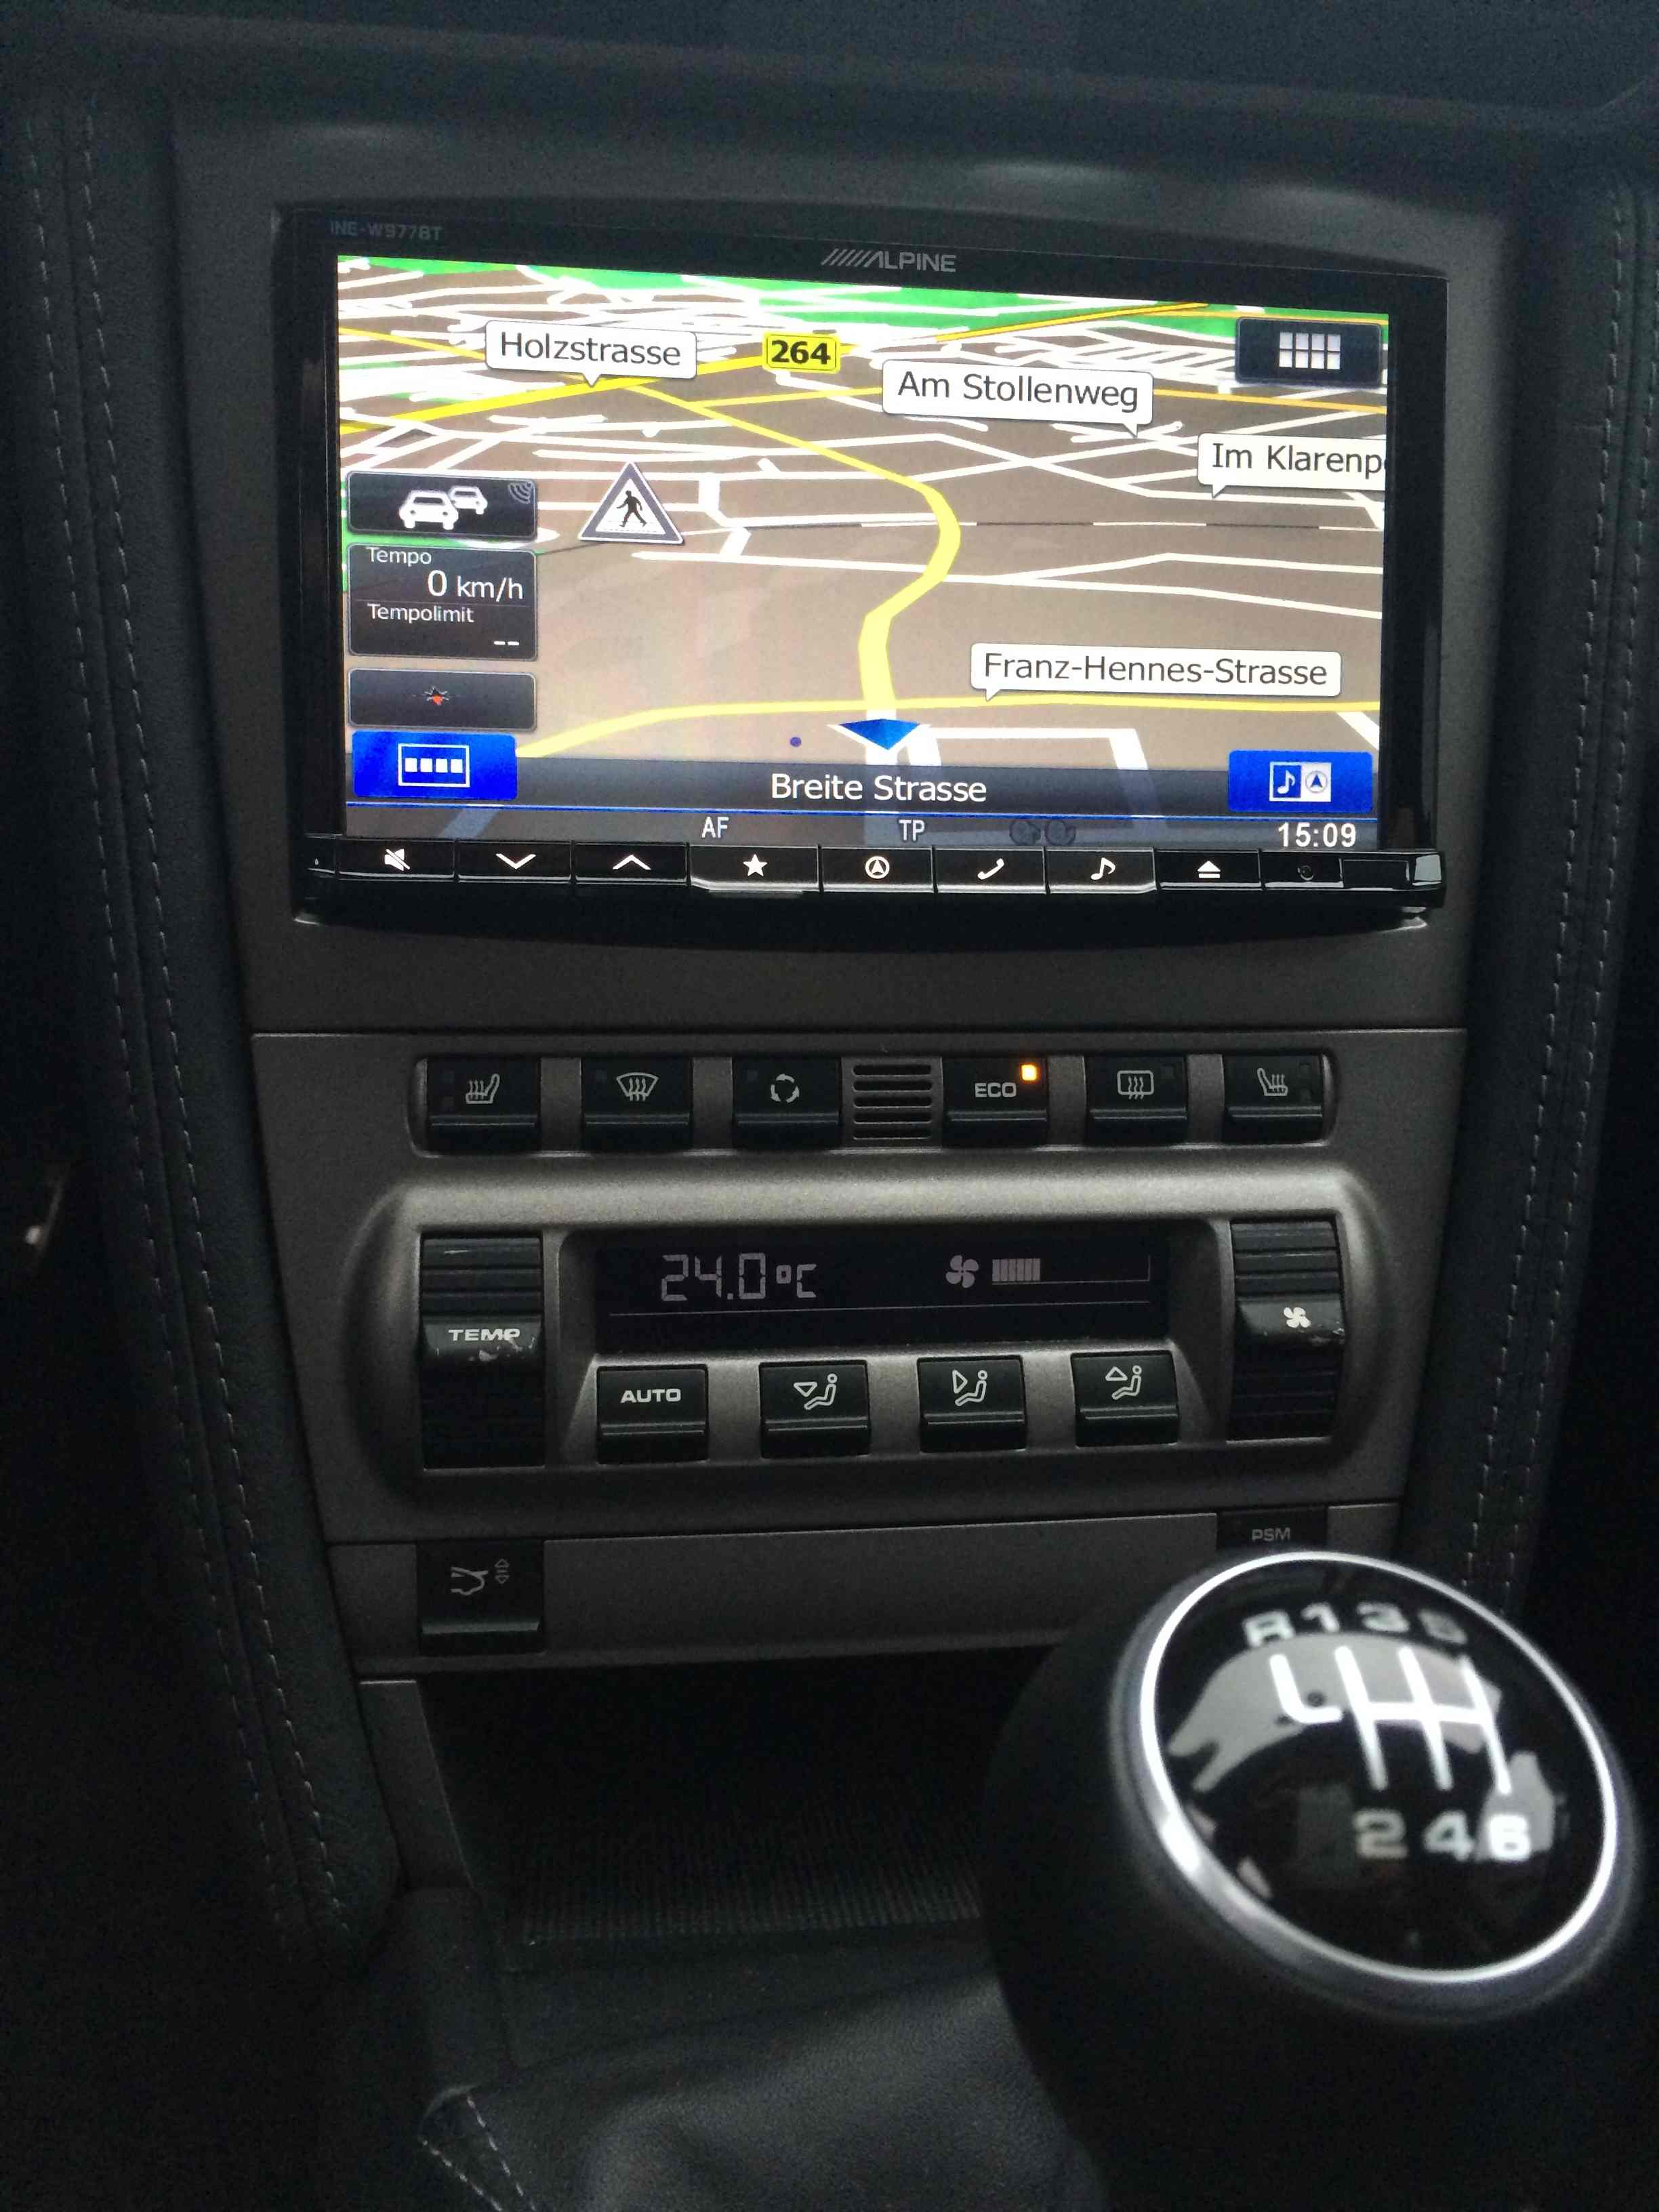 Einbau Alpine 2 Din Navigationssystem Porsche 997 Bj 2005